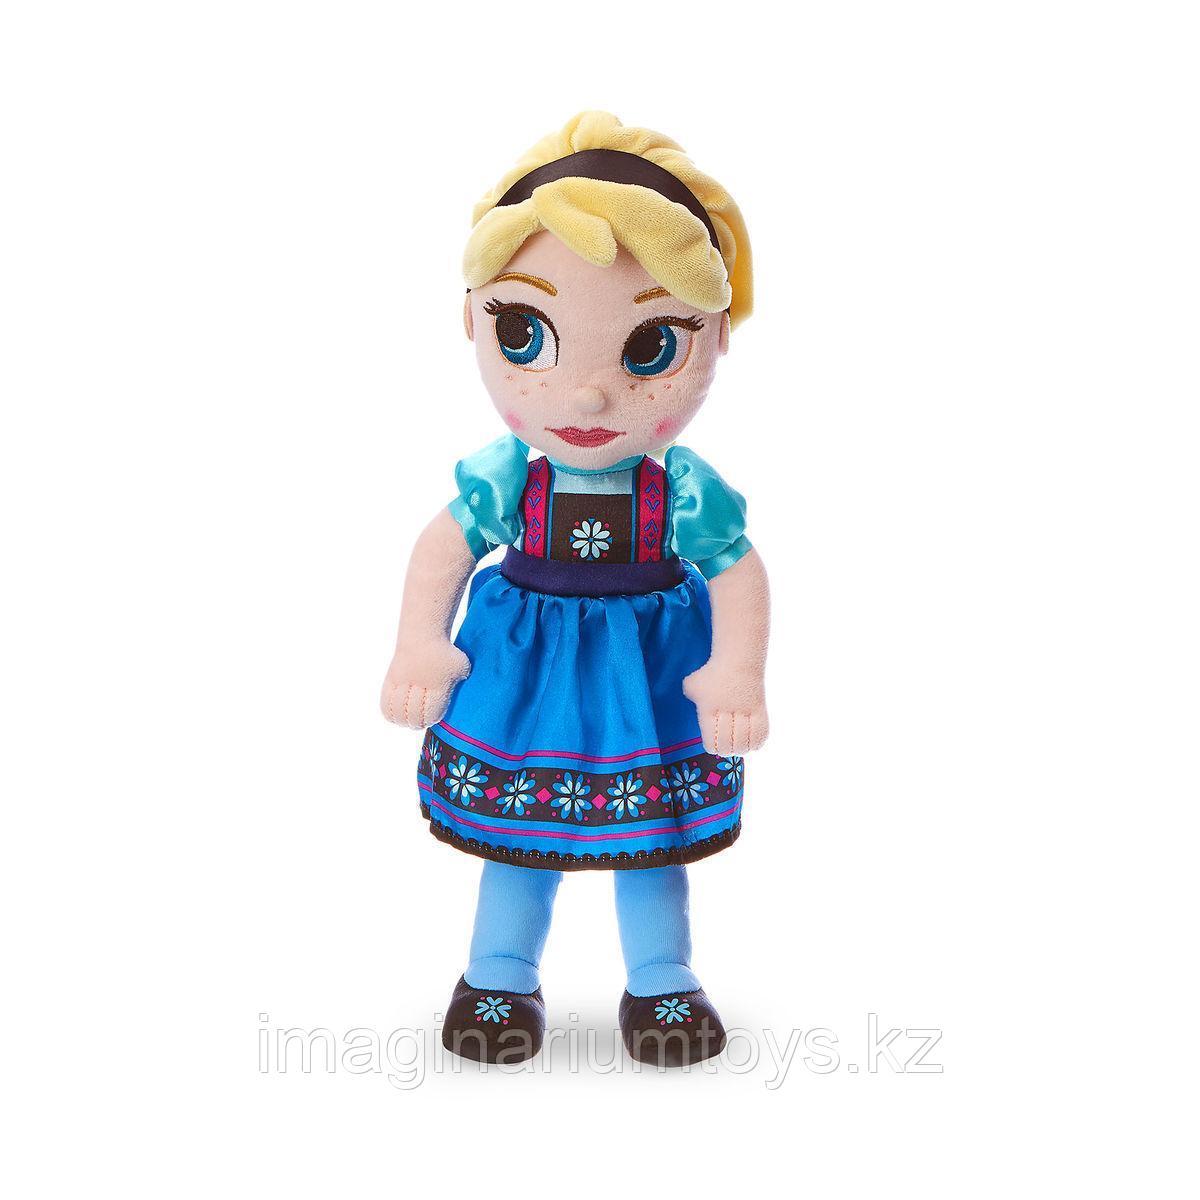 Плюшевая кукла Эльза Disney